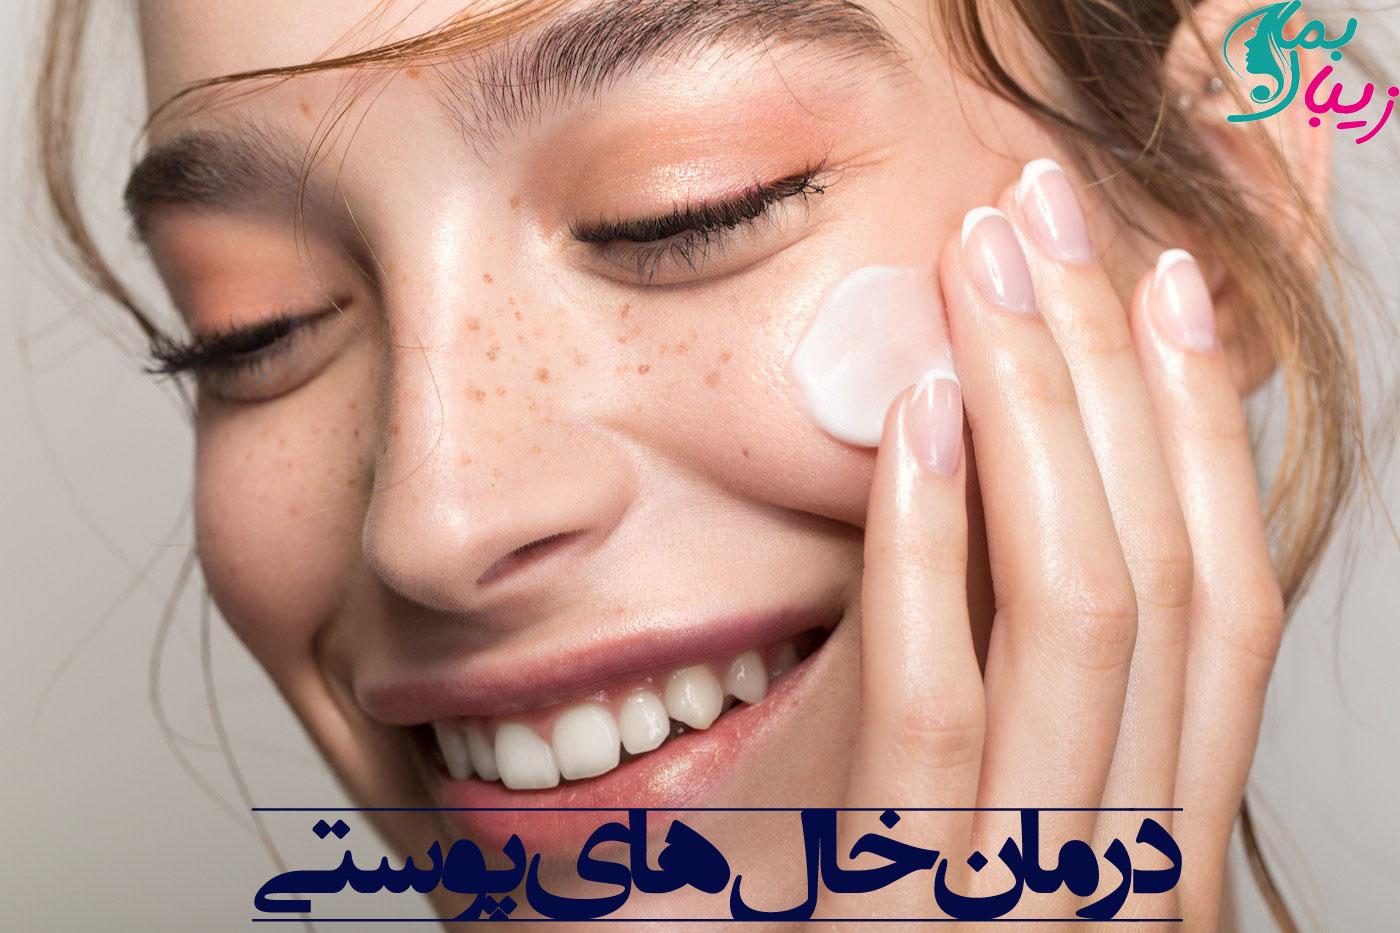 روش های بی نظیر برای درمان خال های پوستی